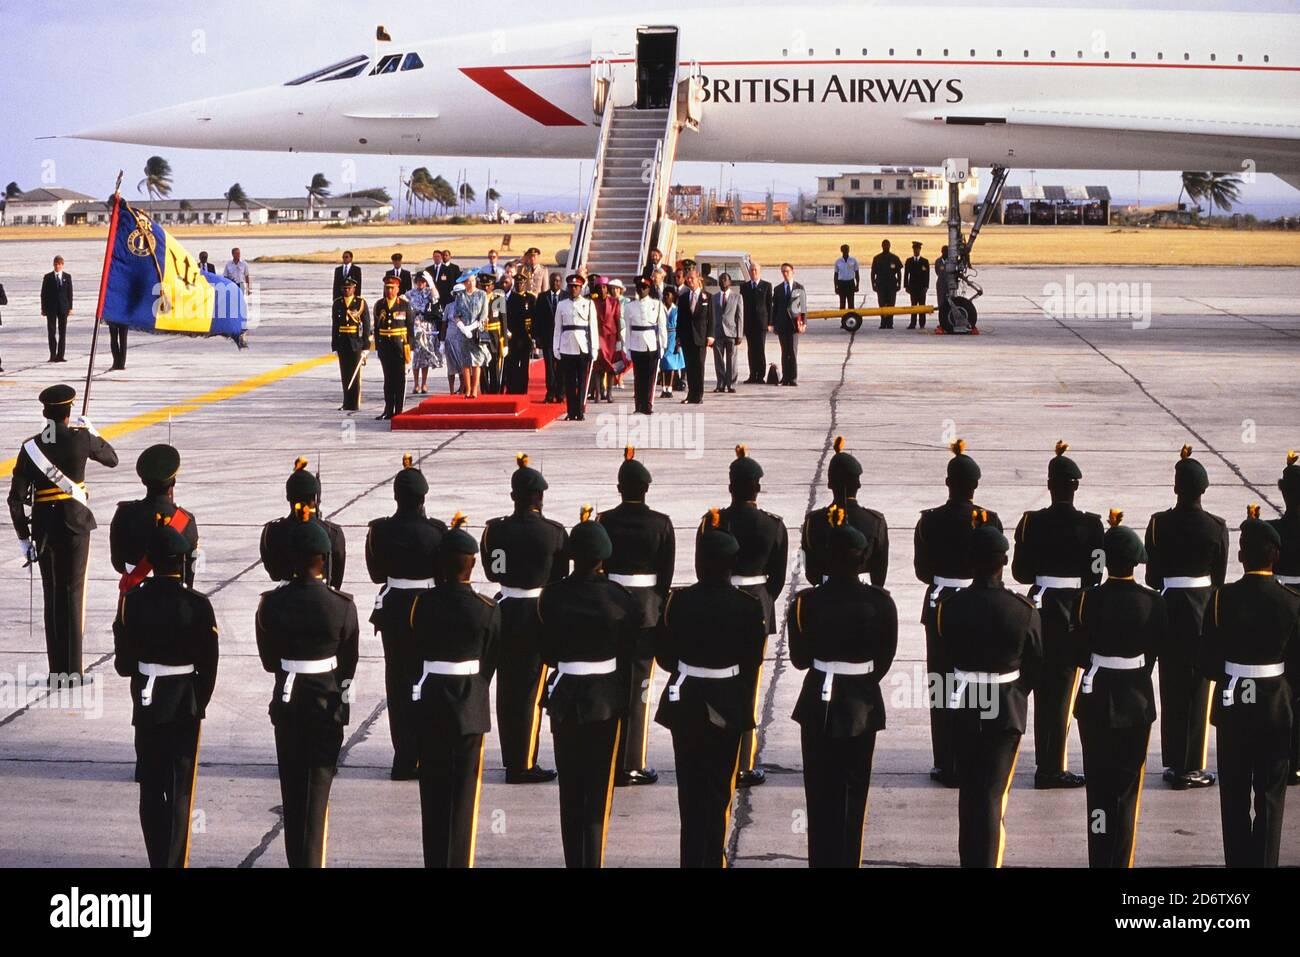 Reina Isabel II de Gran Bretaña de pie sobre la alfombra roja durante una ceremonia de bienvenida después de aterrizar en el Aeropuerto Internacional Grantley Adams en un vuelo de B.A. Concorde al comienzo de su visita de cuatro días a la Isla del Caribe de Barbados. 8 de marzo de 1989. Foto de stock